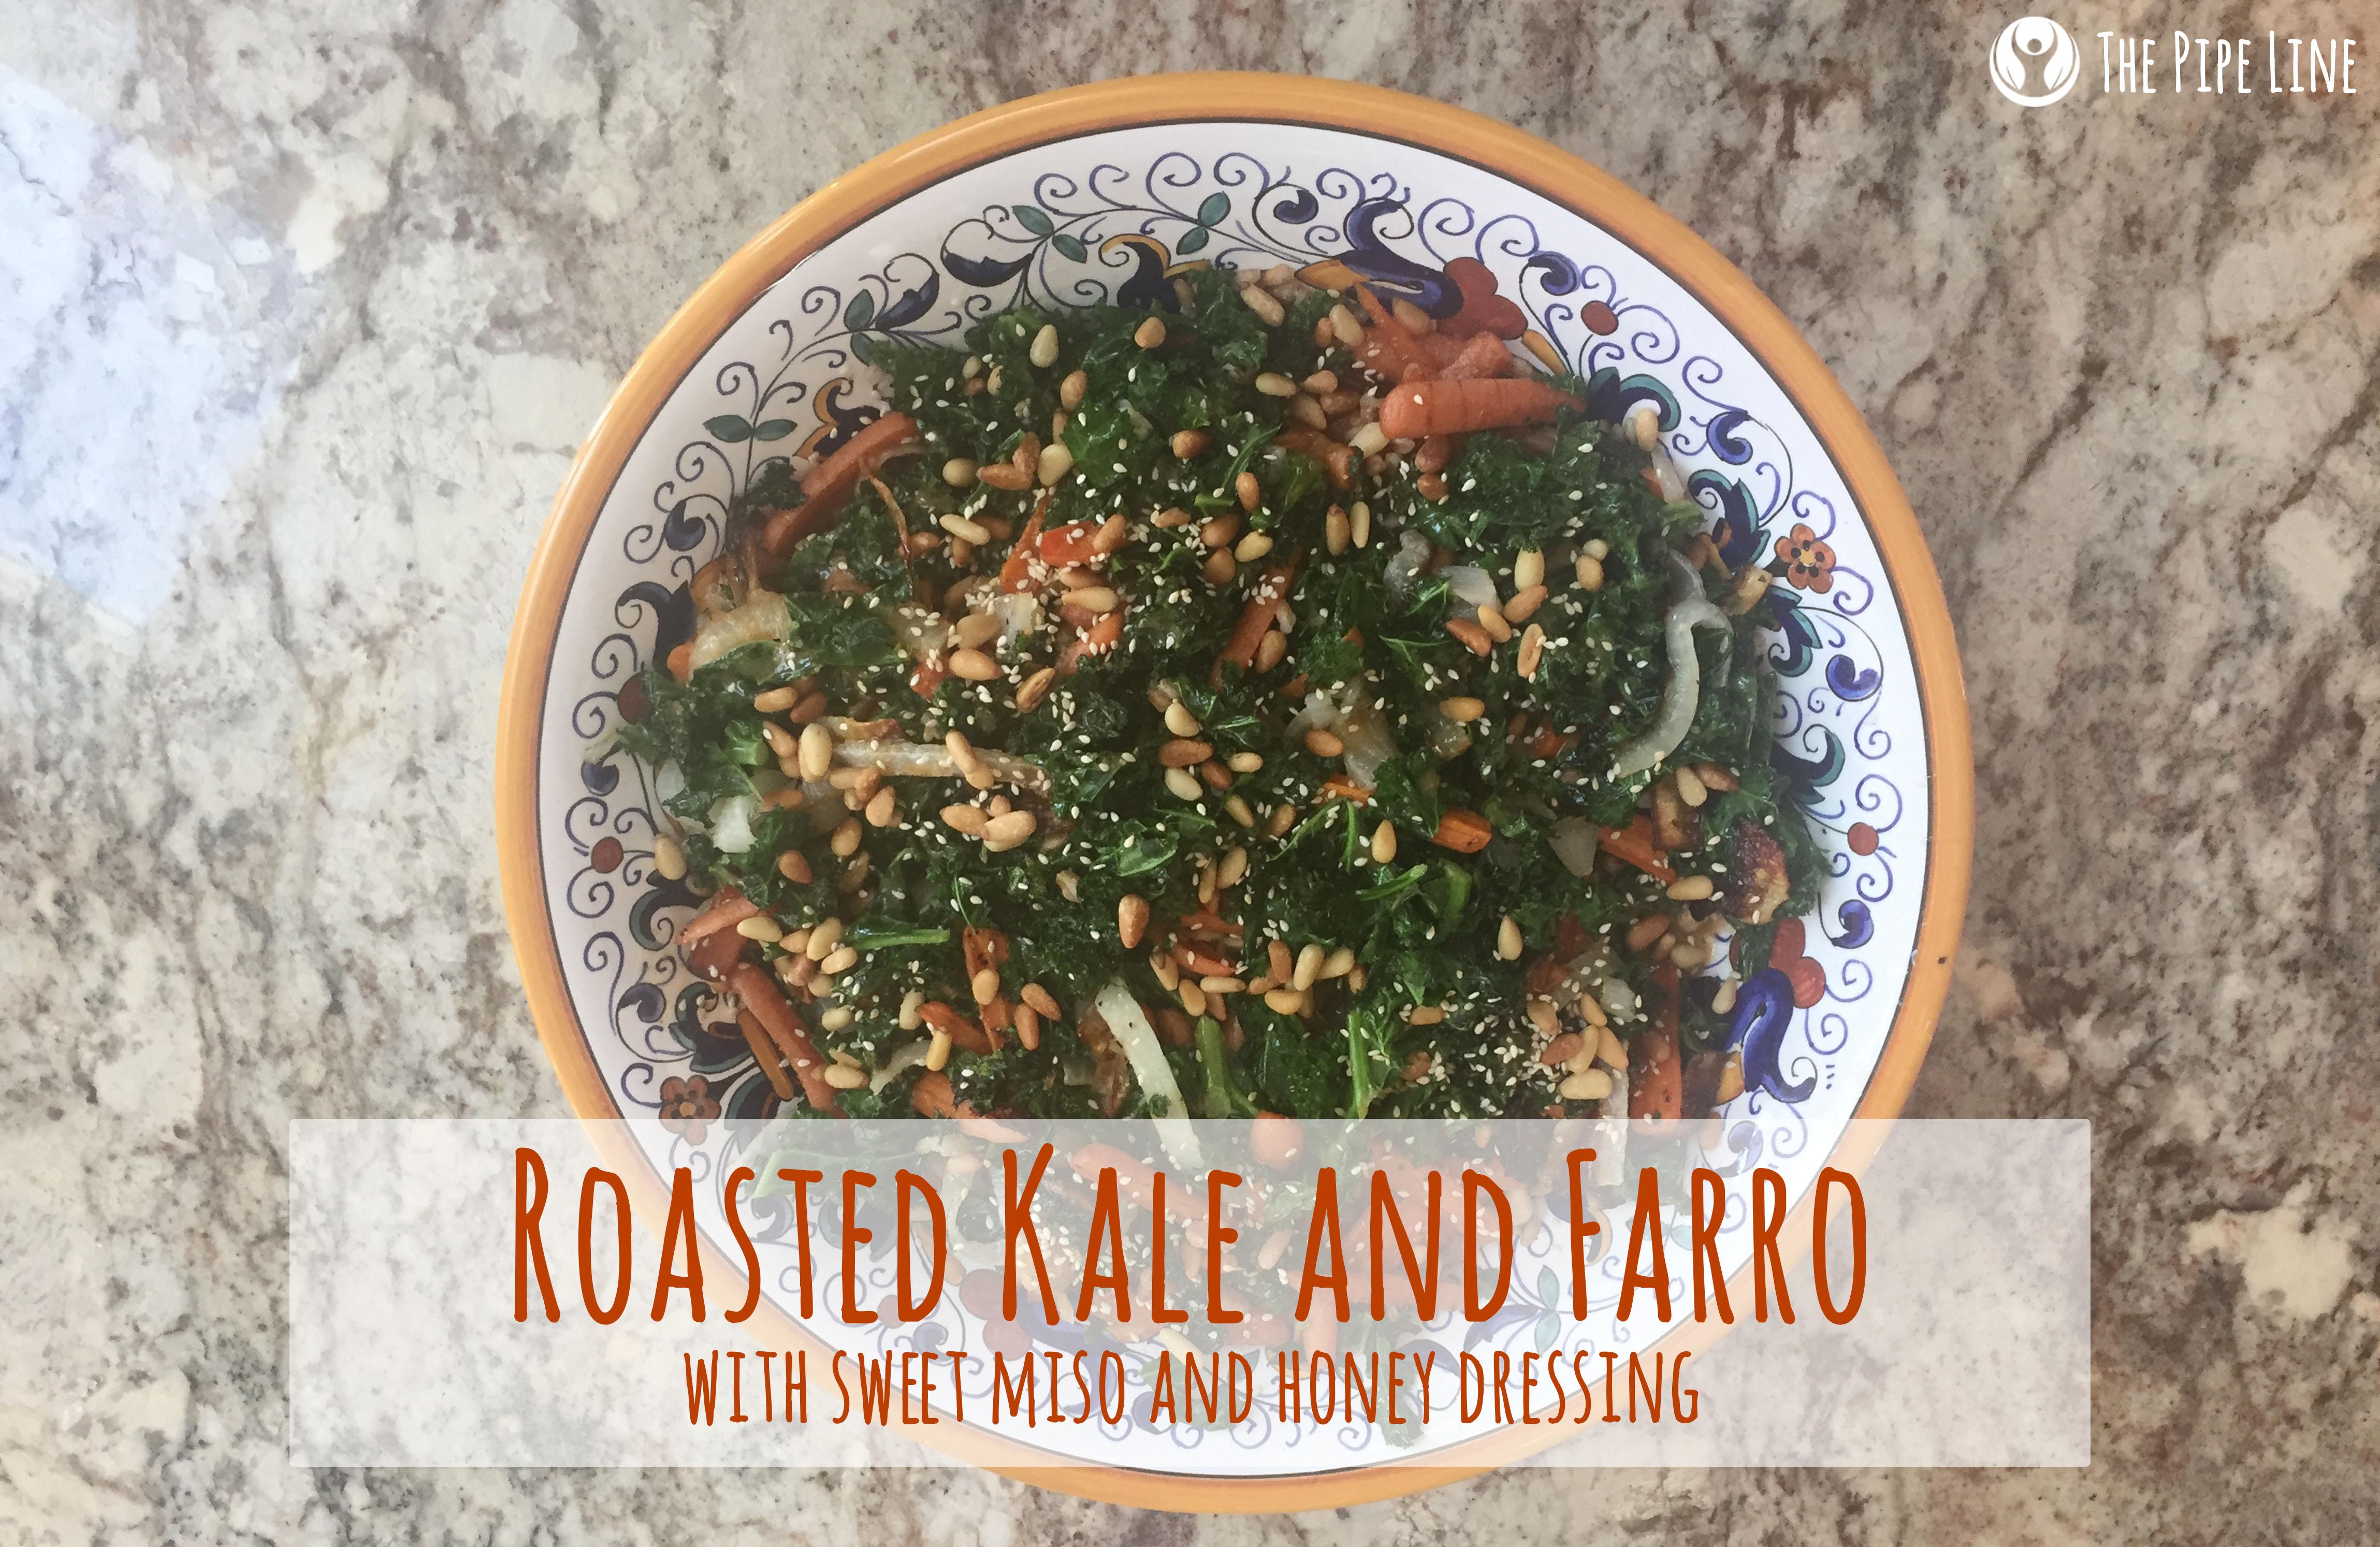 Roasted Kale and Farro